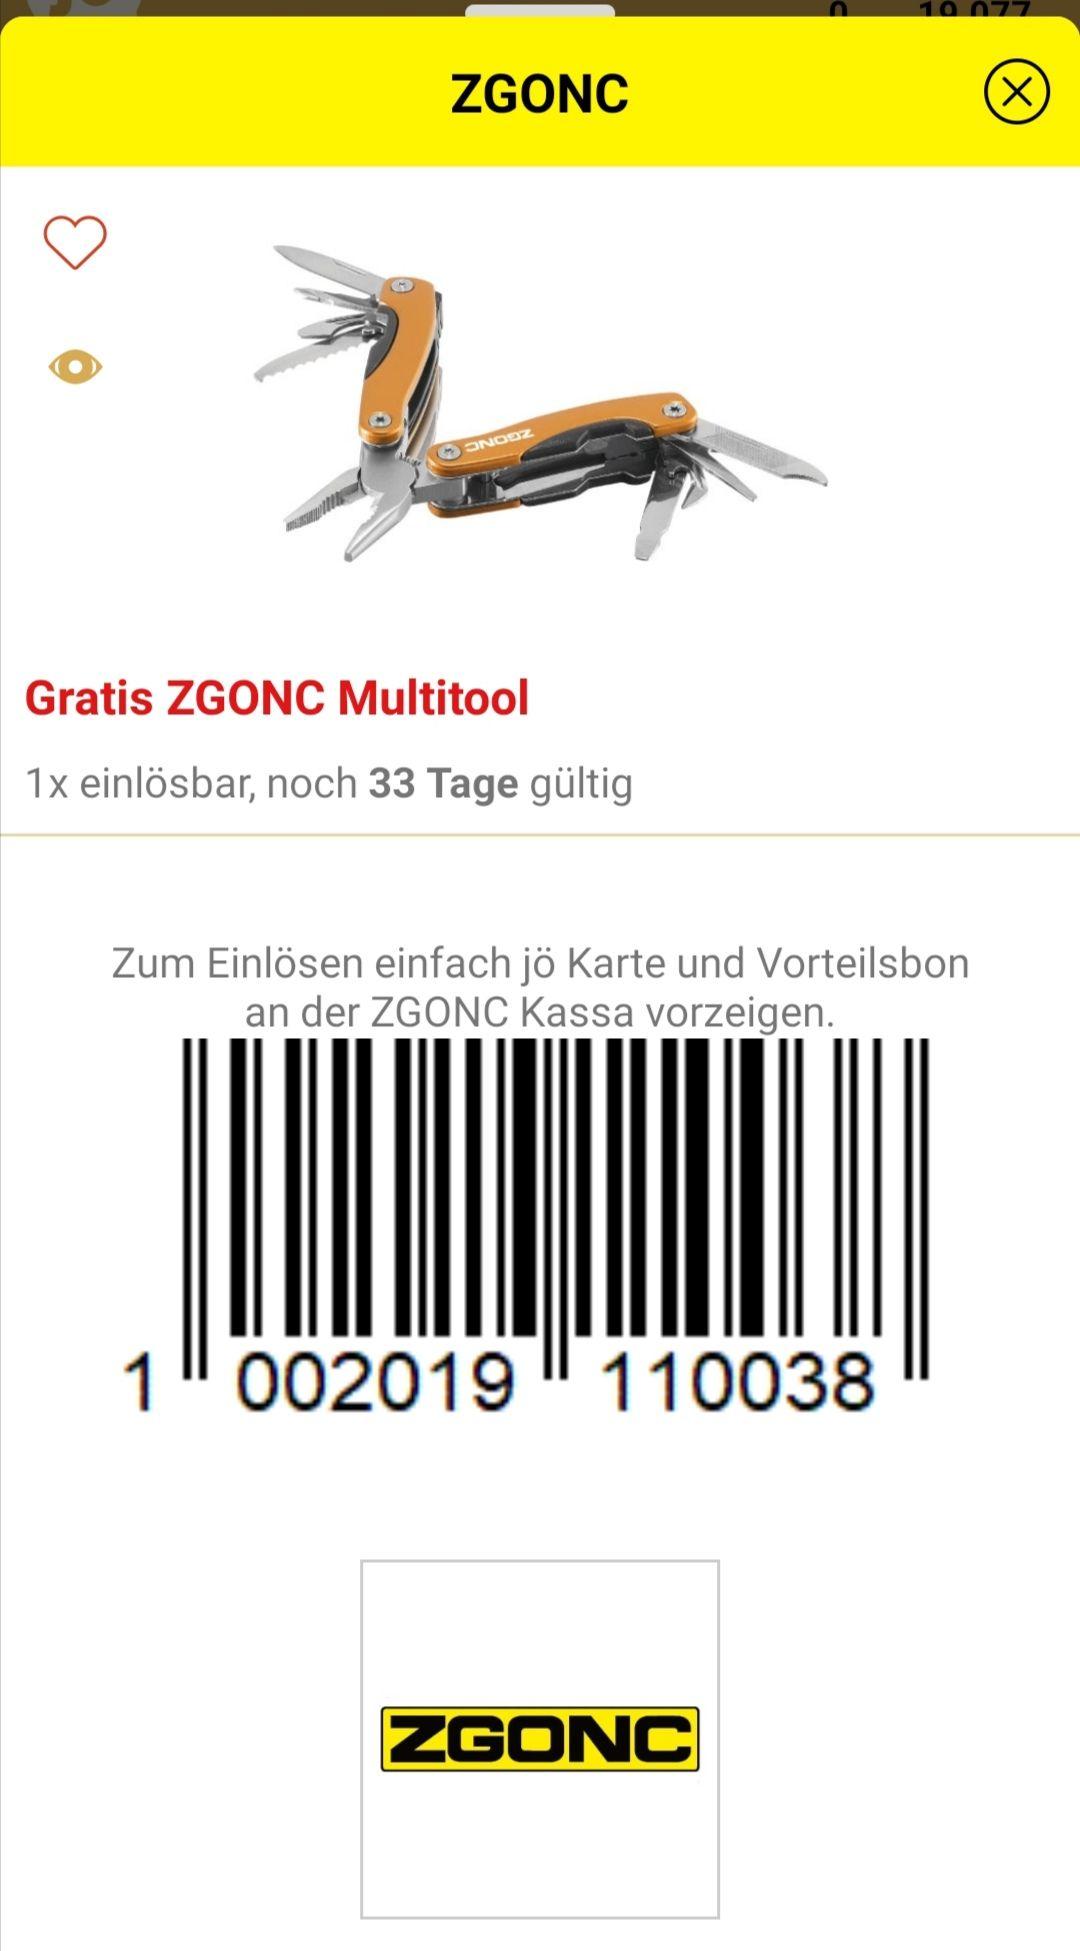 Gratis ZGONC Multitool